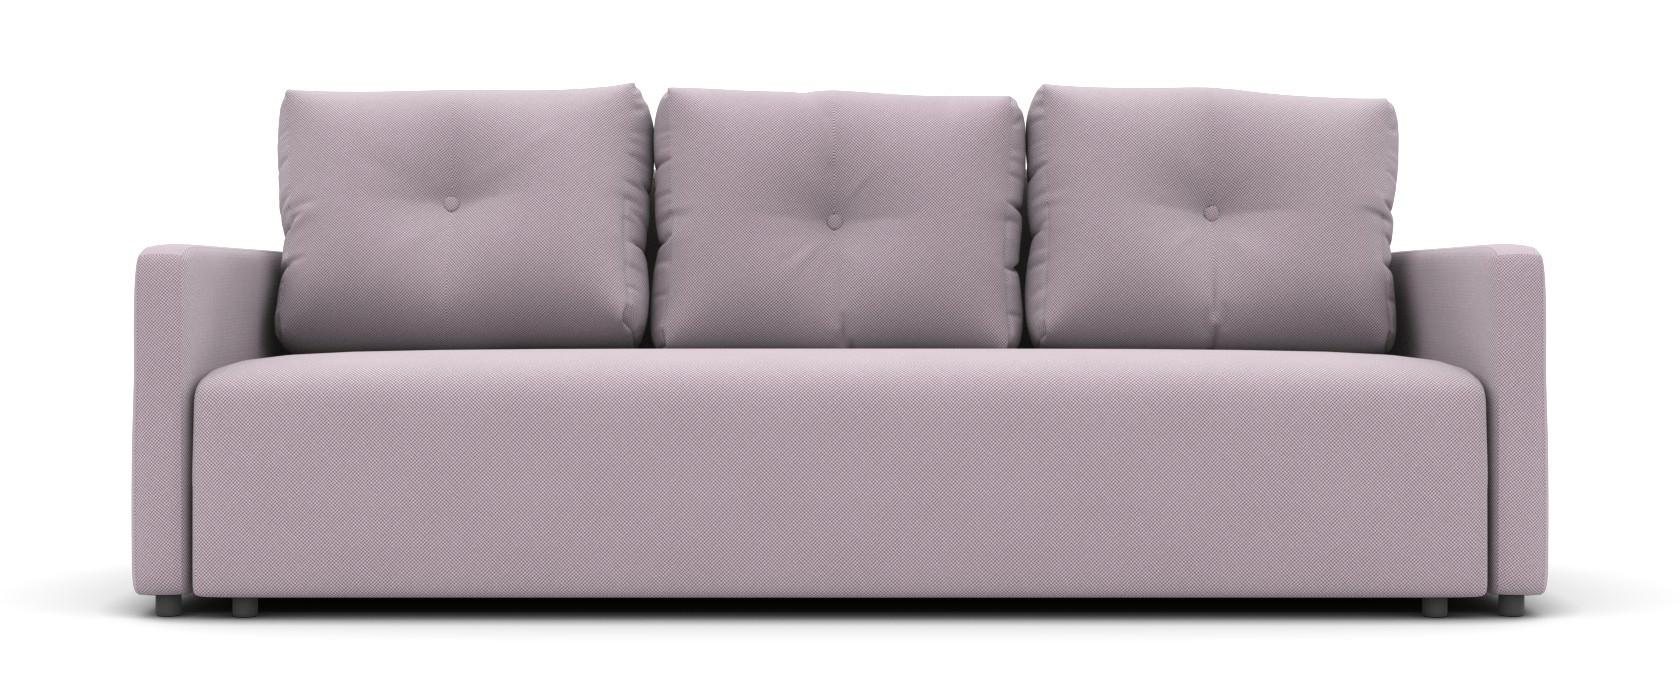 Трехместный диван Adriano